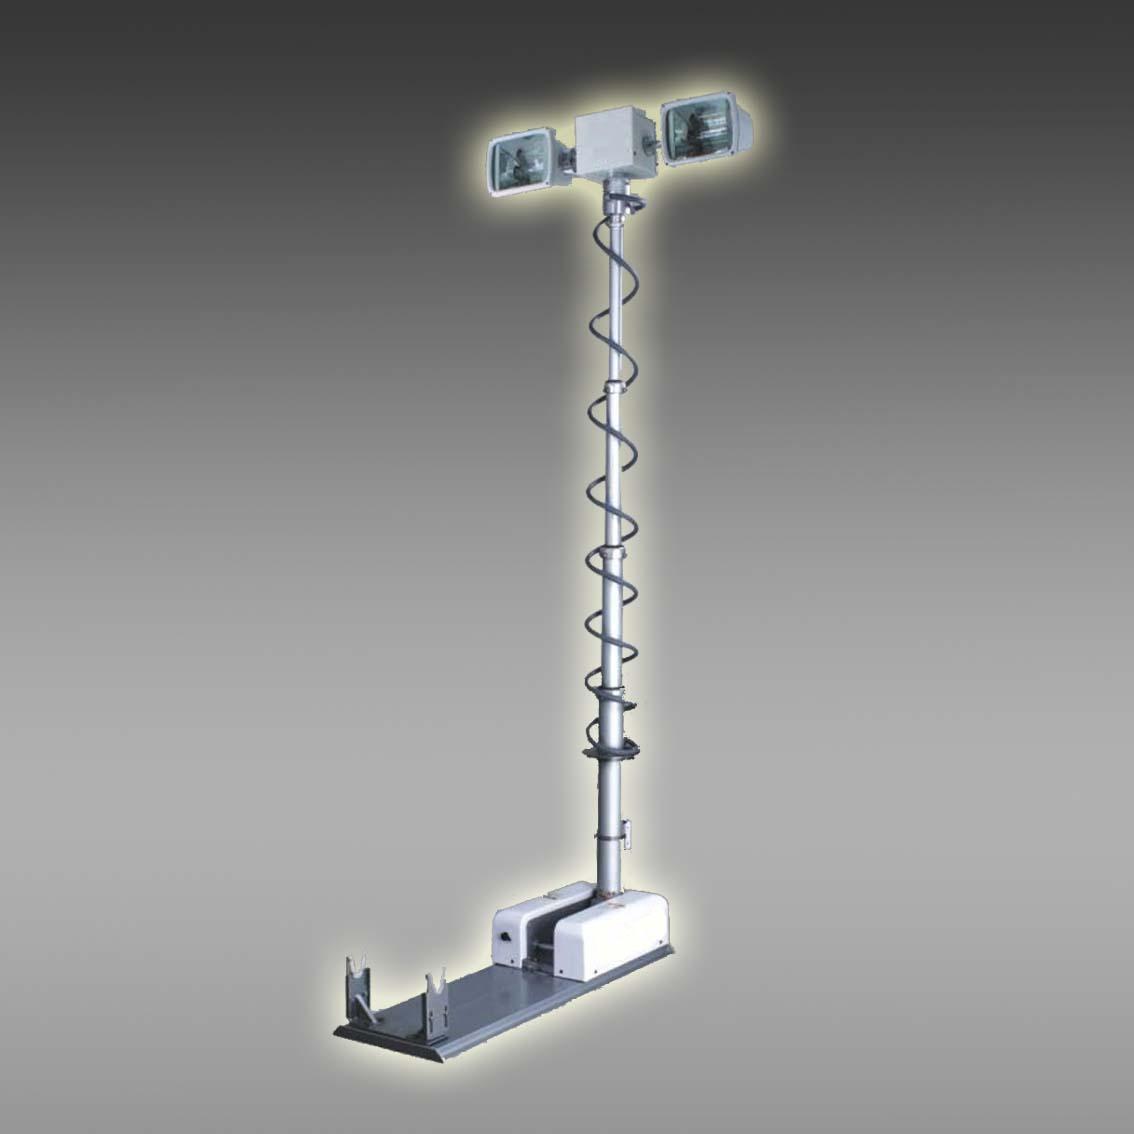 曲臂升降照明灯 YDM5520